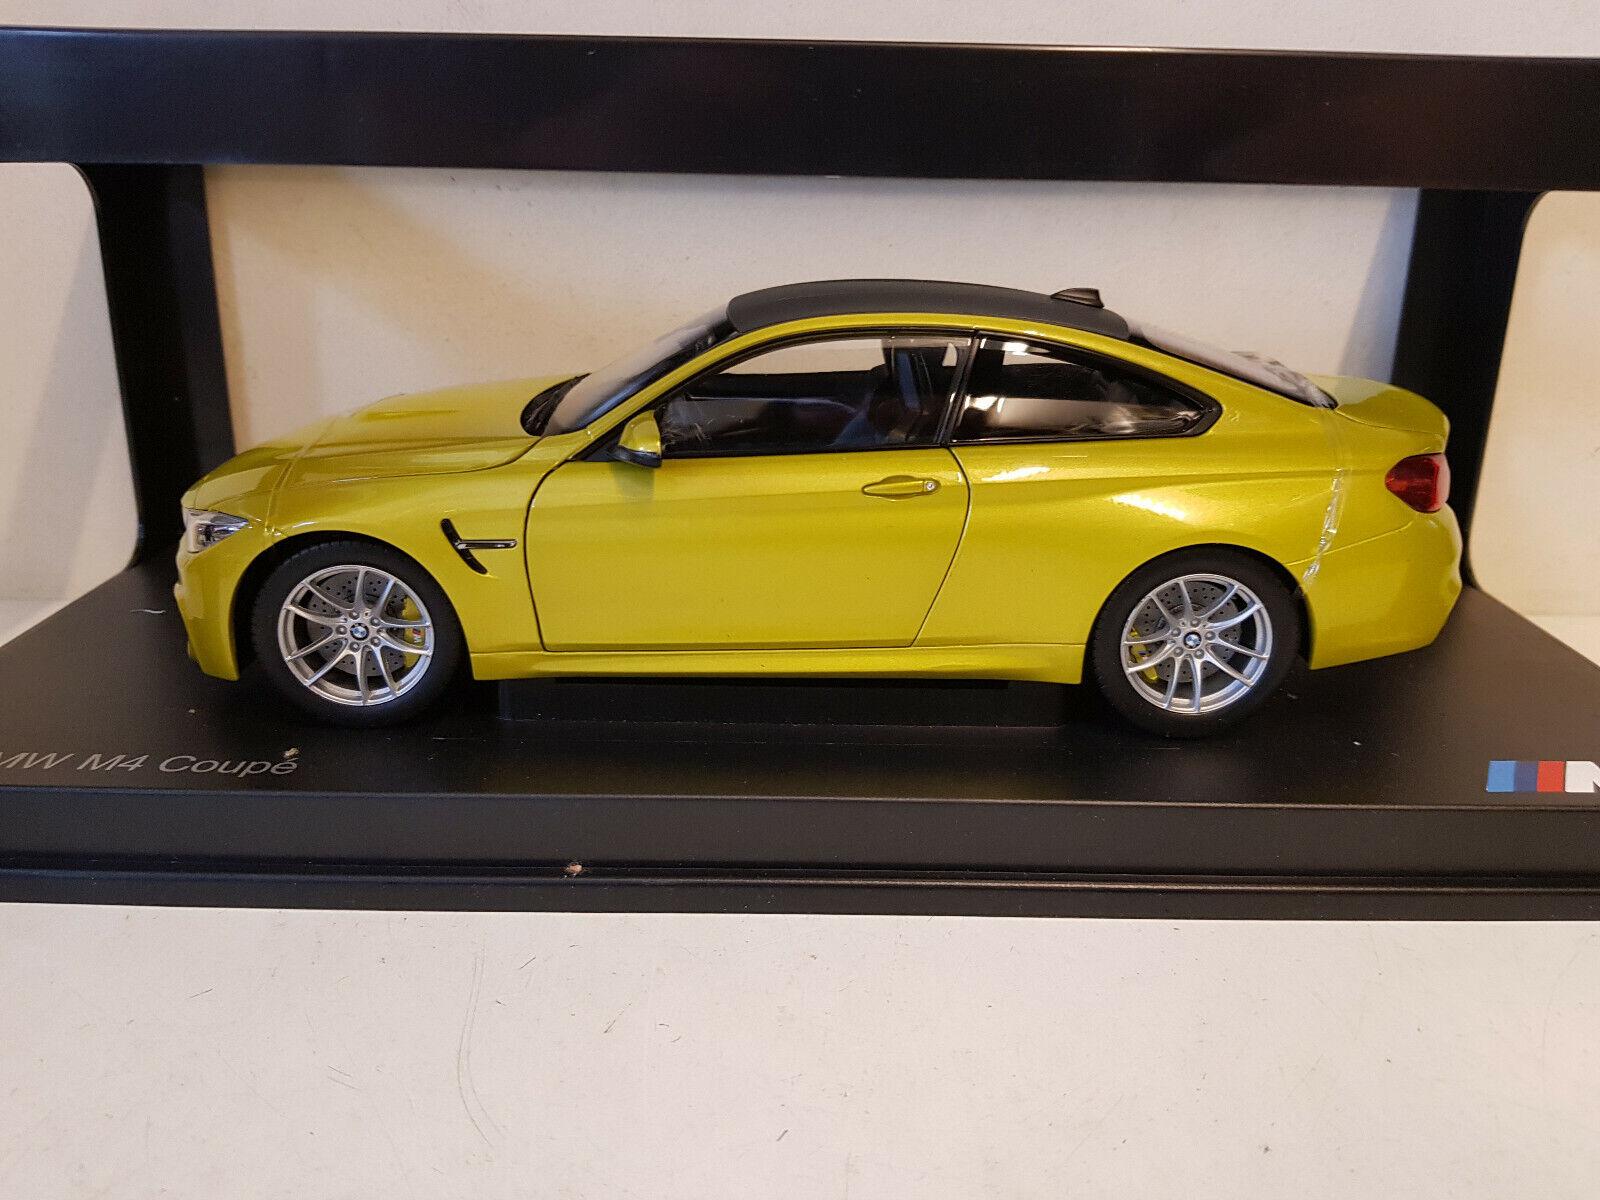 marca en liquidación de venta Paragon-BMW M4 Coupe-Austin Coupe-Austin Coupe-Austin Amarillo-escala 1 18 Modelo de Coche-PA-97103